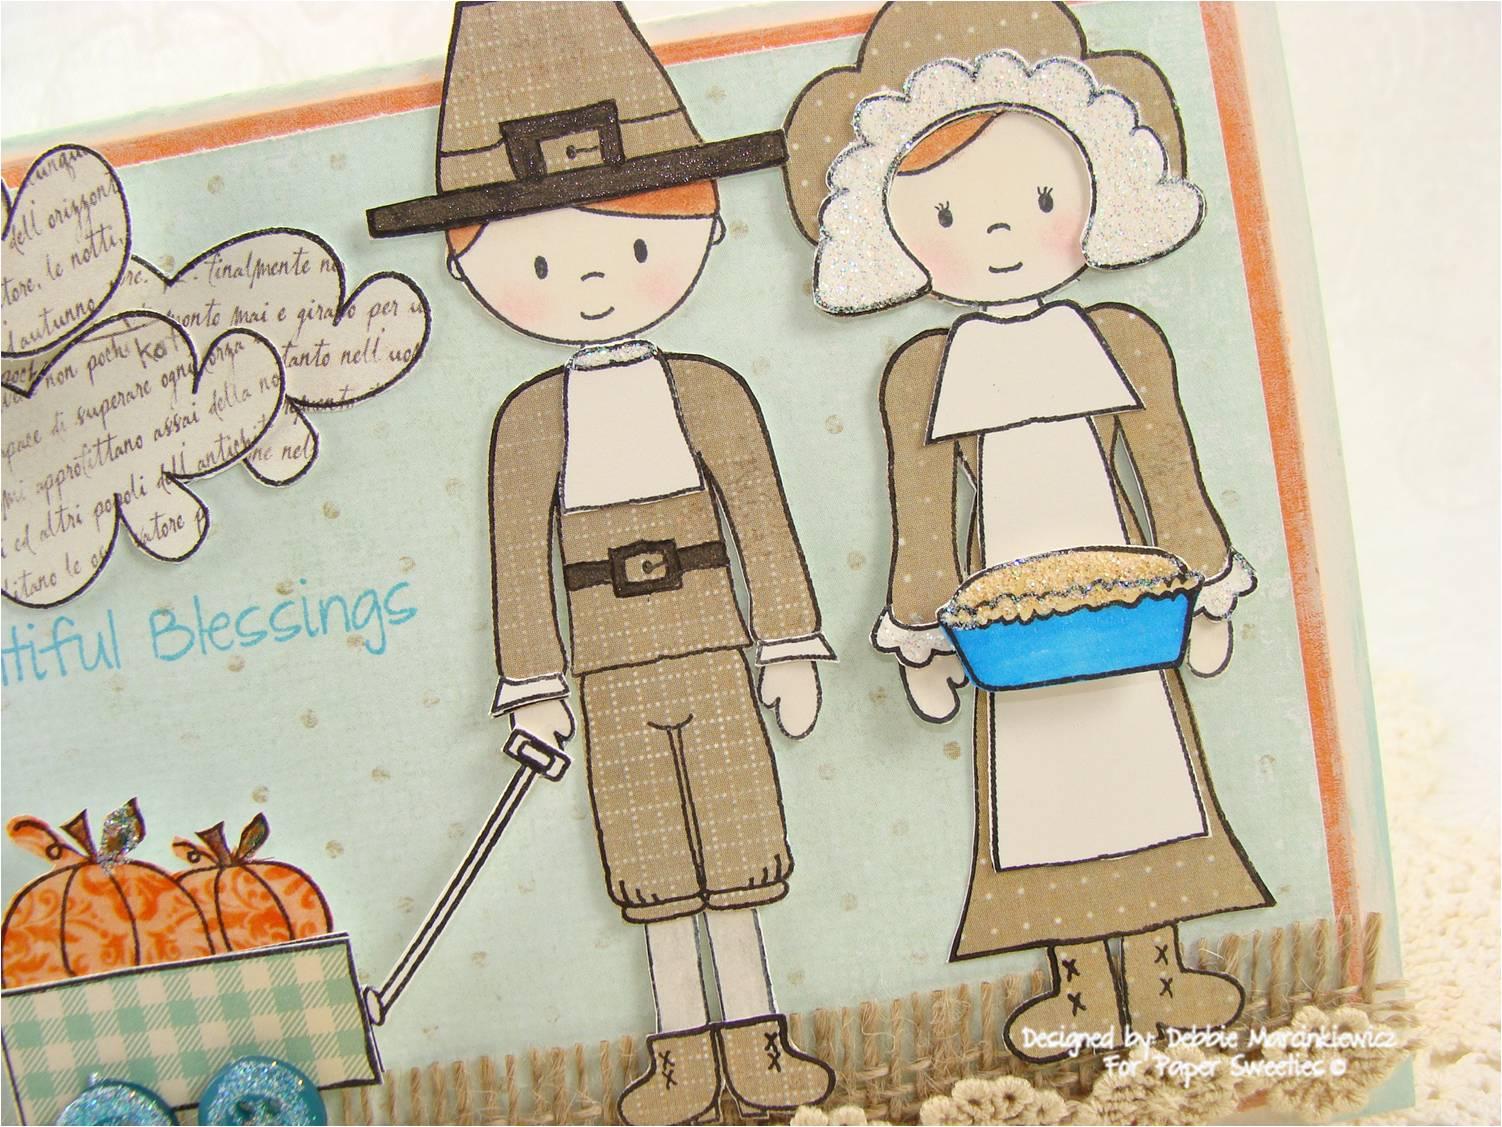 http://1.bp.blogspot.com/-u_QimUW6TLo/UHn0_caY2LI/AAAAAAAAOfs/N7EpszAMxCE/s1600/PaperSweeties-Oct+16+%283%29.JPG